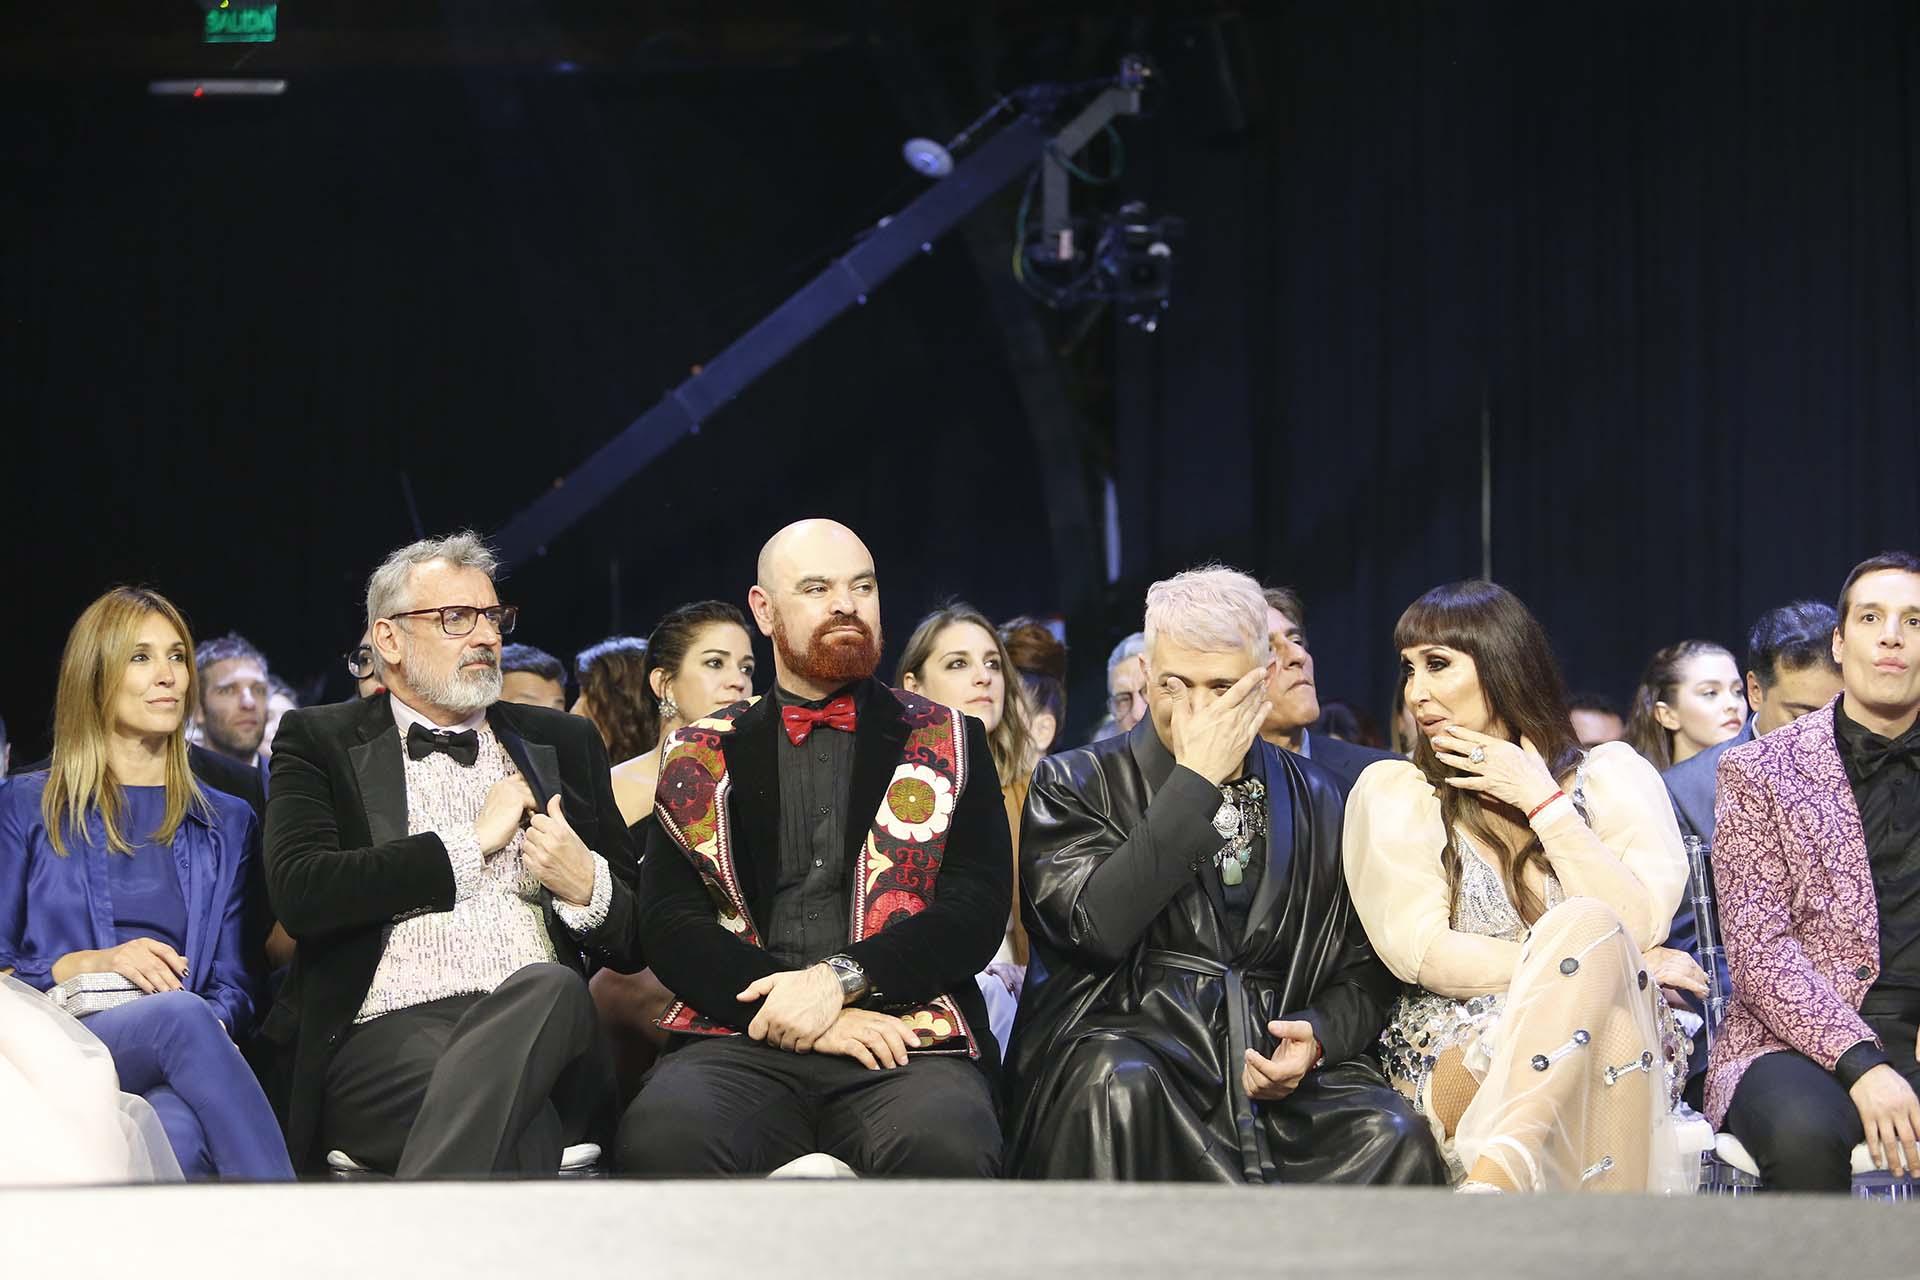 Benito Fernández, su novio Zeus y Moria rodeada de sus colaboradores. En esa fila nadie dejó de comentar lo que ocurría arriba y abajo del escenario